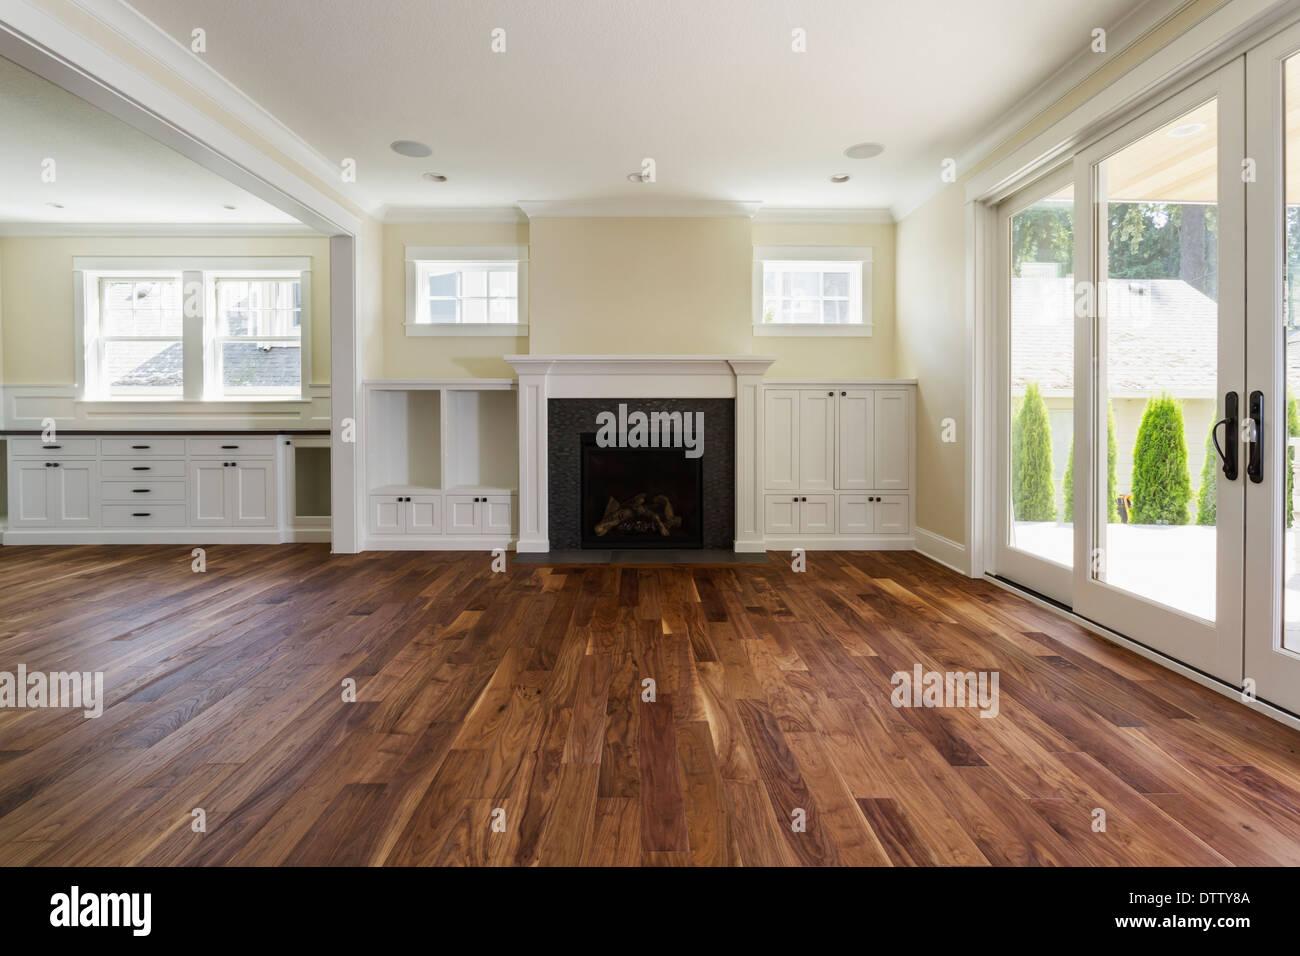 Kamin Und Einem Eingebauten Regale Im Wohnzimmer Stockfotografie Alamy